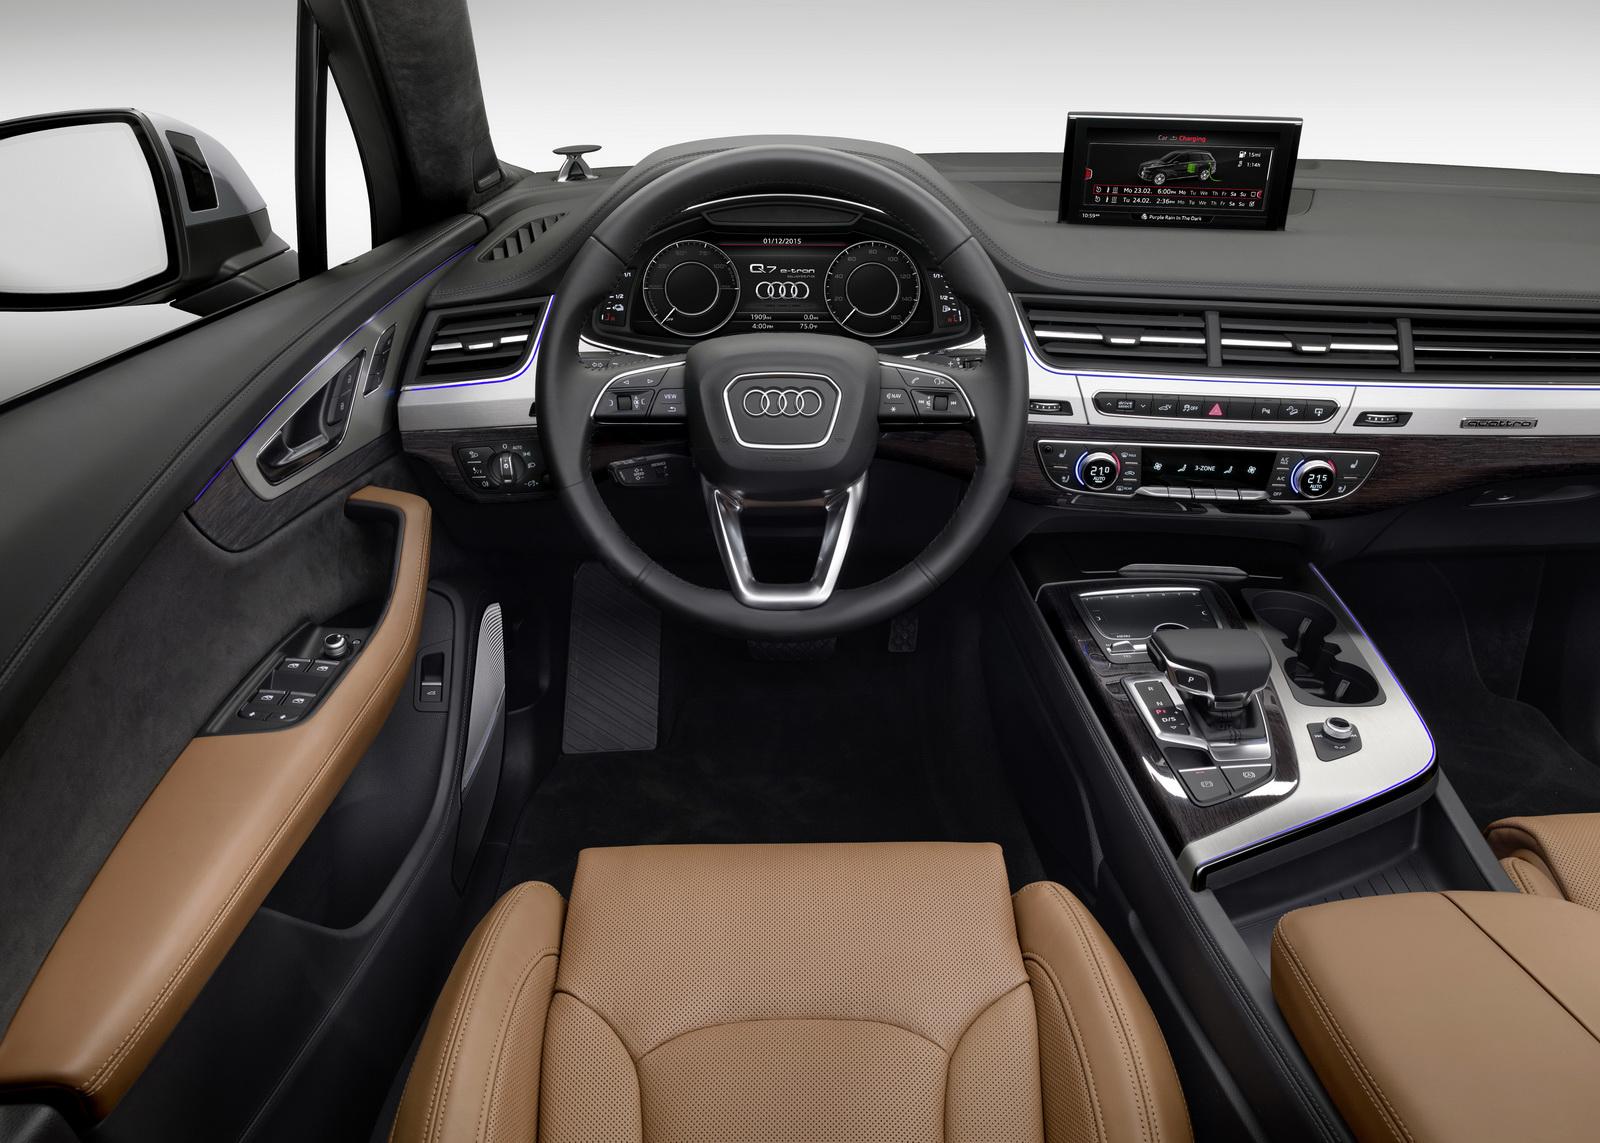 Audi Q7 e-tron 3.0 TDI quattro 2016: Sólo 1.7l/100 km de consumo medio 1